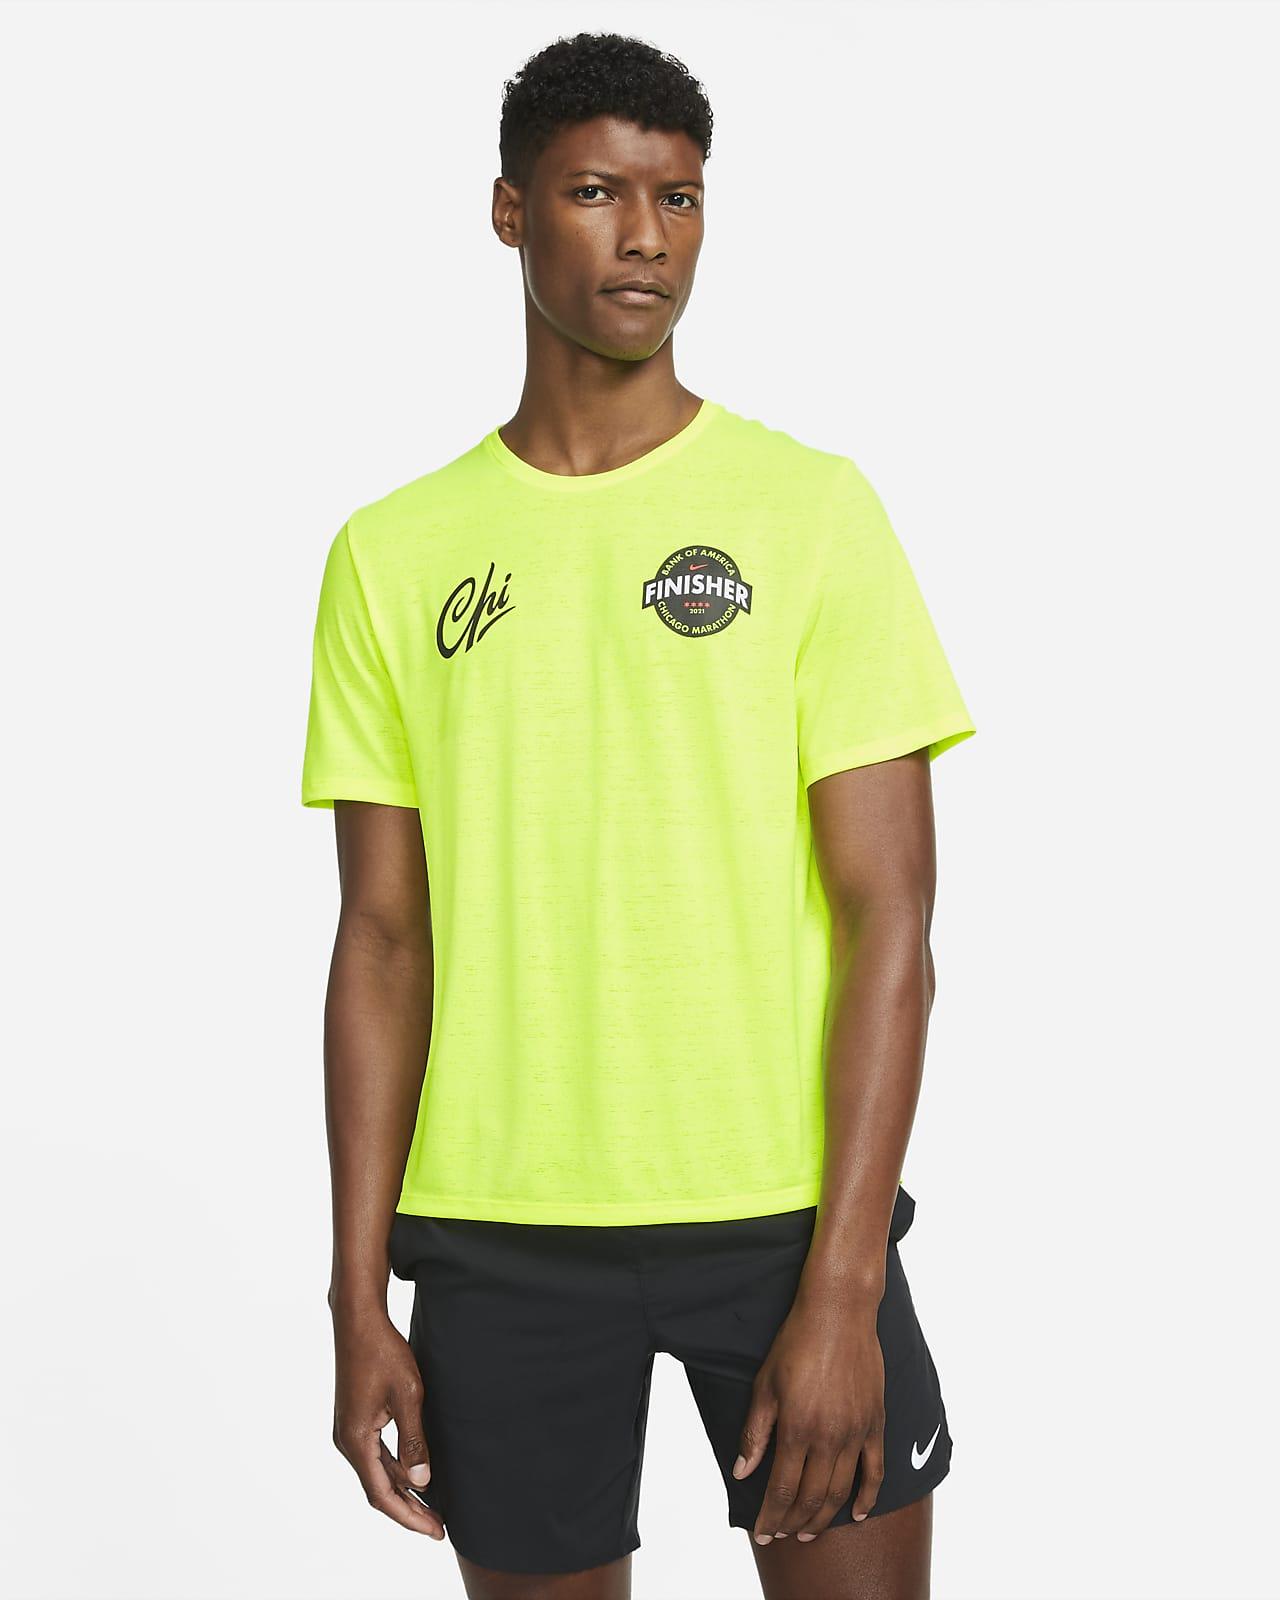 Nike Dri-FIT Chicago Miler Men's Short-Sleeve Finisher Running Top